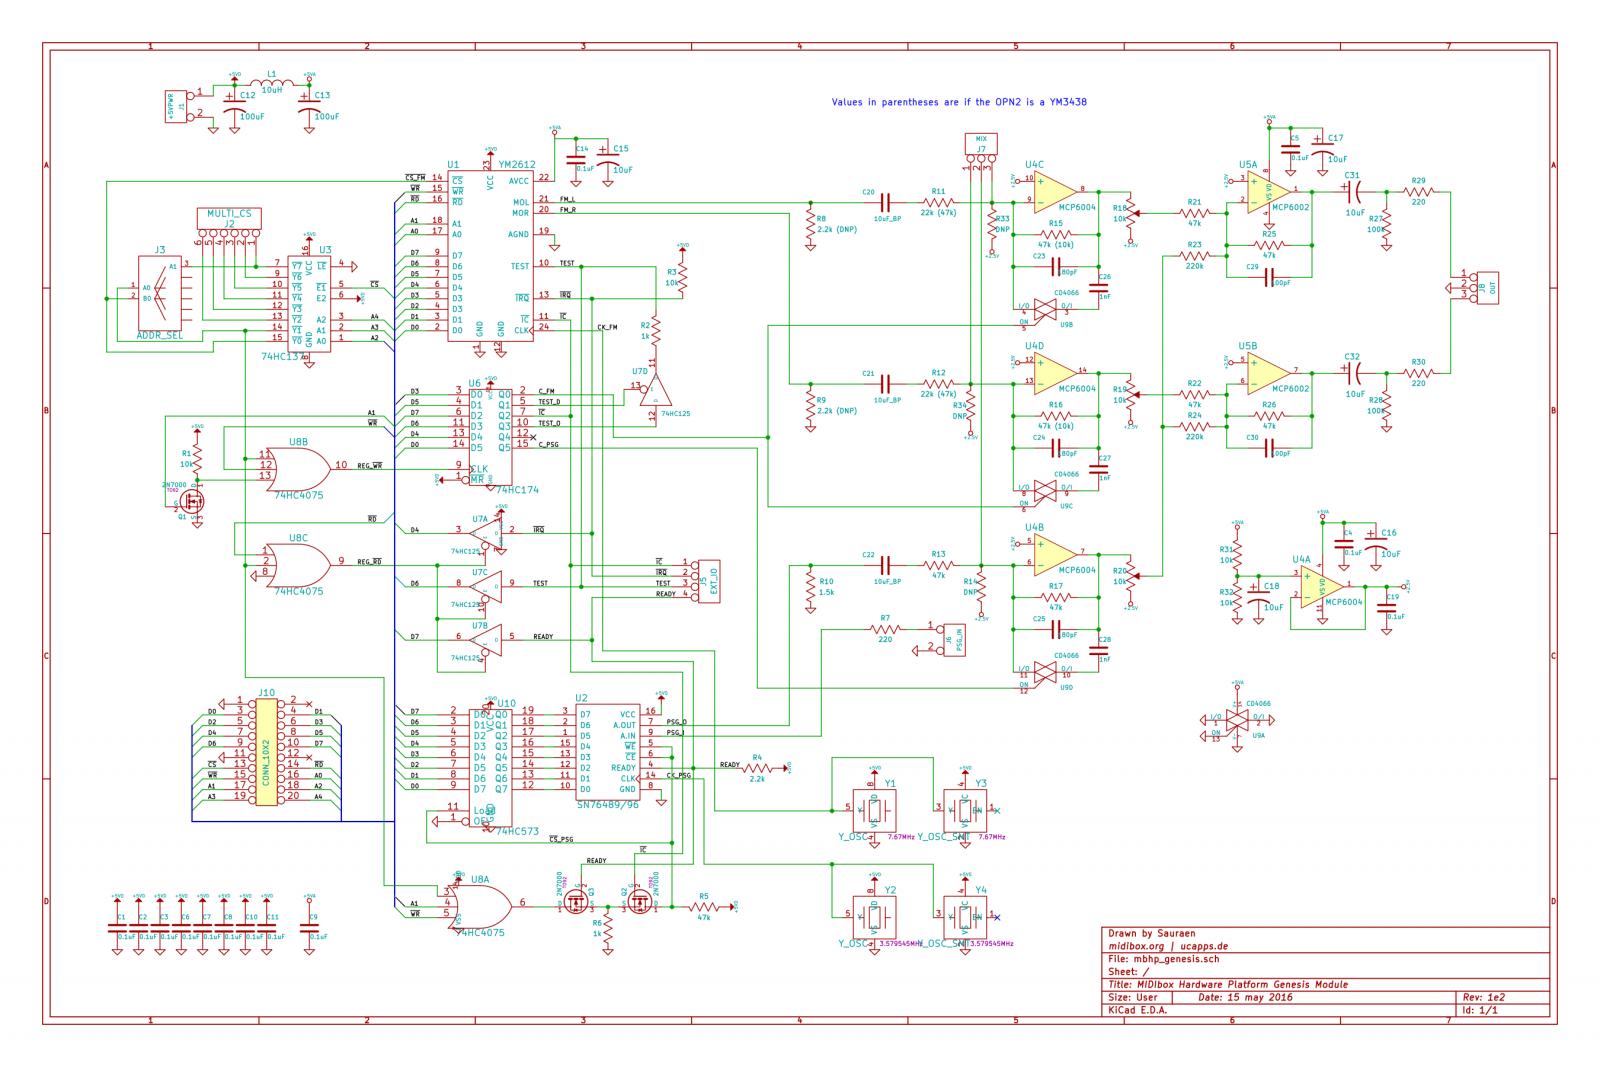 MBHP_Genesis Schematic rev. 1e2 (for use with rev. 1e boards)